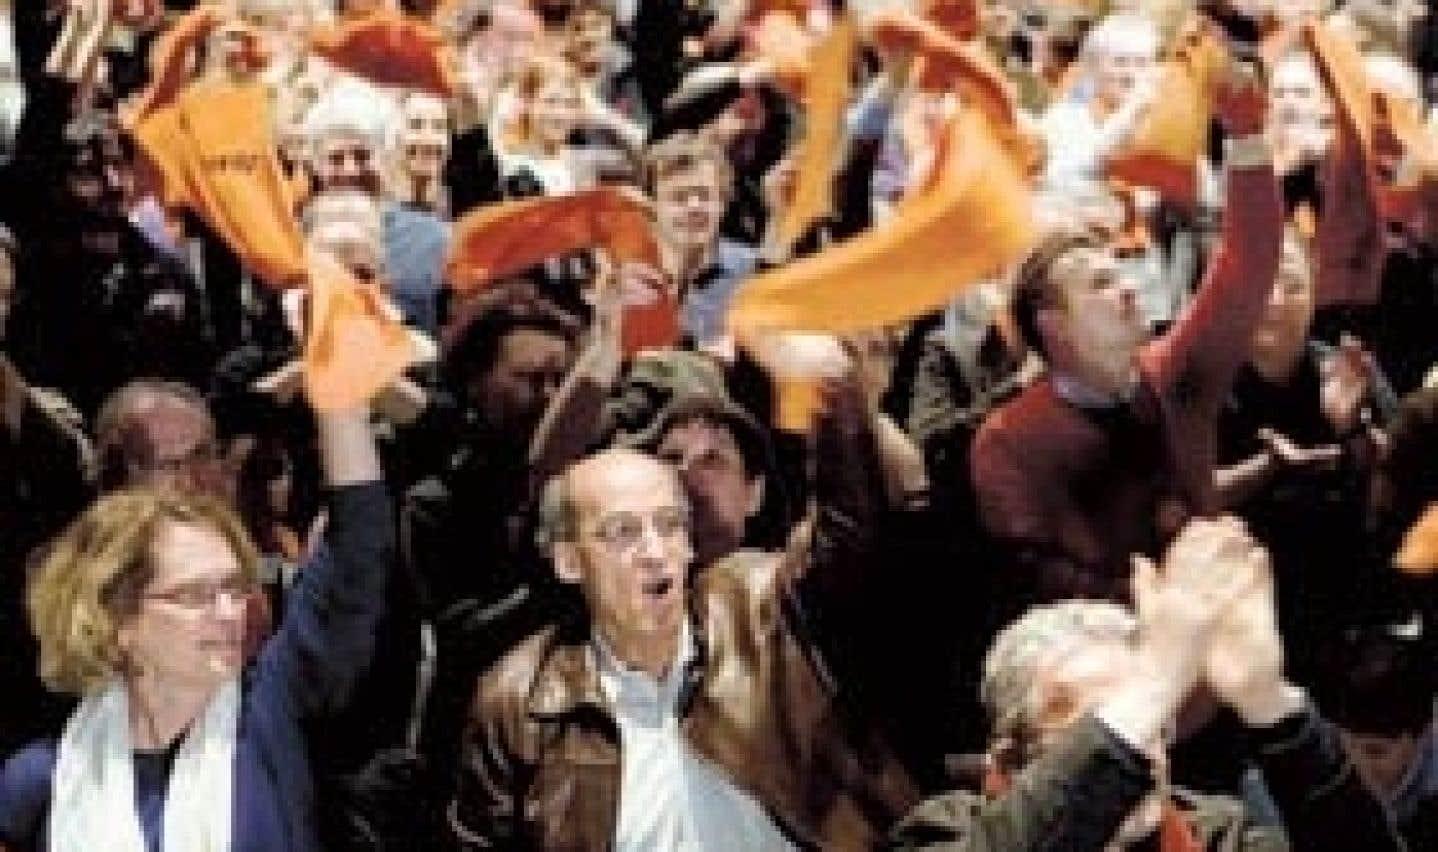 Une semaine de grève de plus à l'UQAM - La session sera prolongée d'au moins une semaine